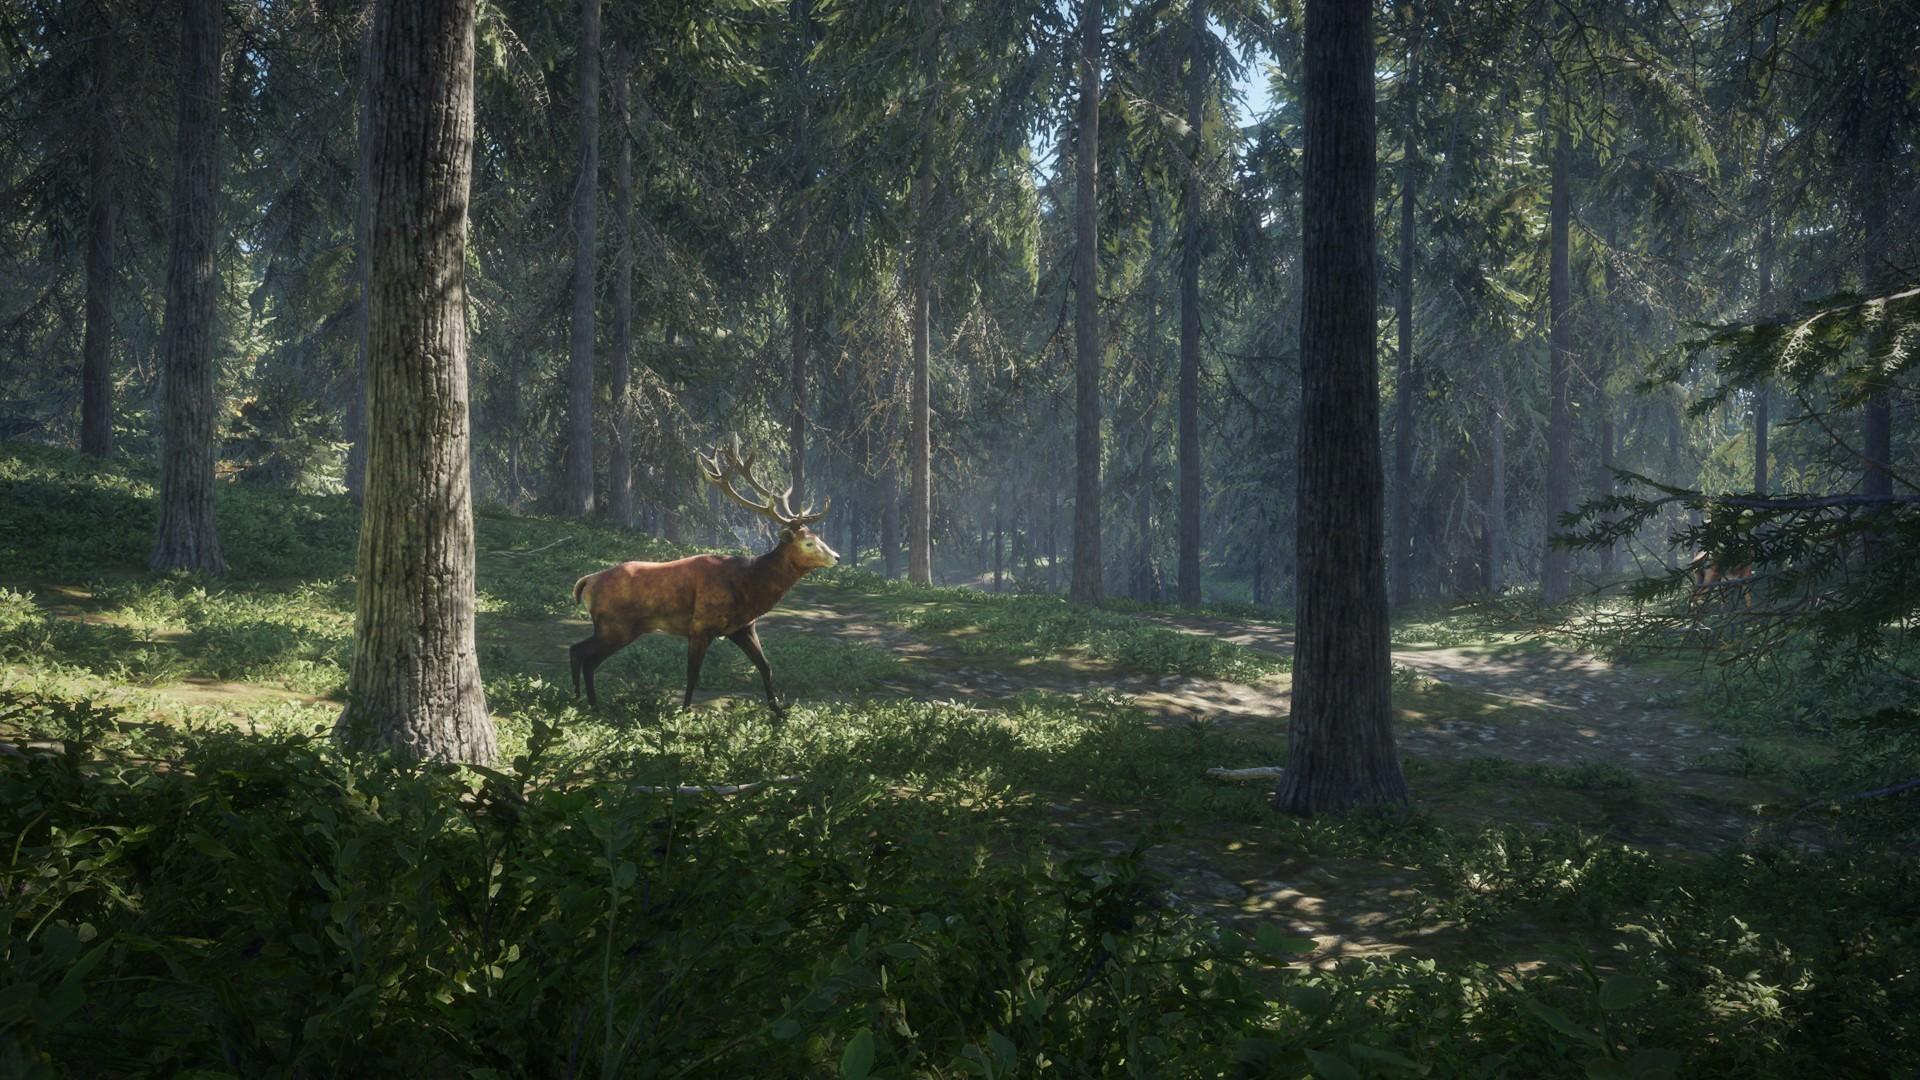 سی دی کی اریجینال استیم بازی theHunter: Call Of The Wild